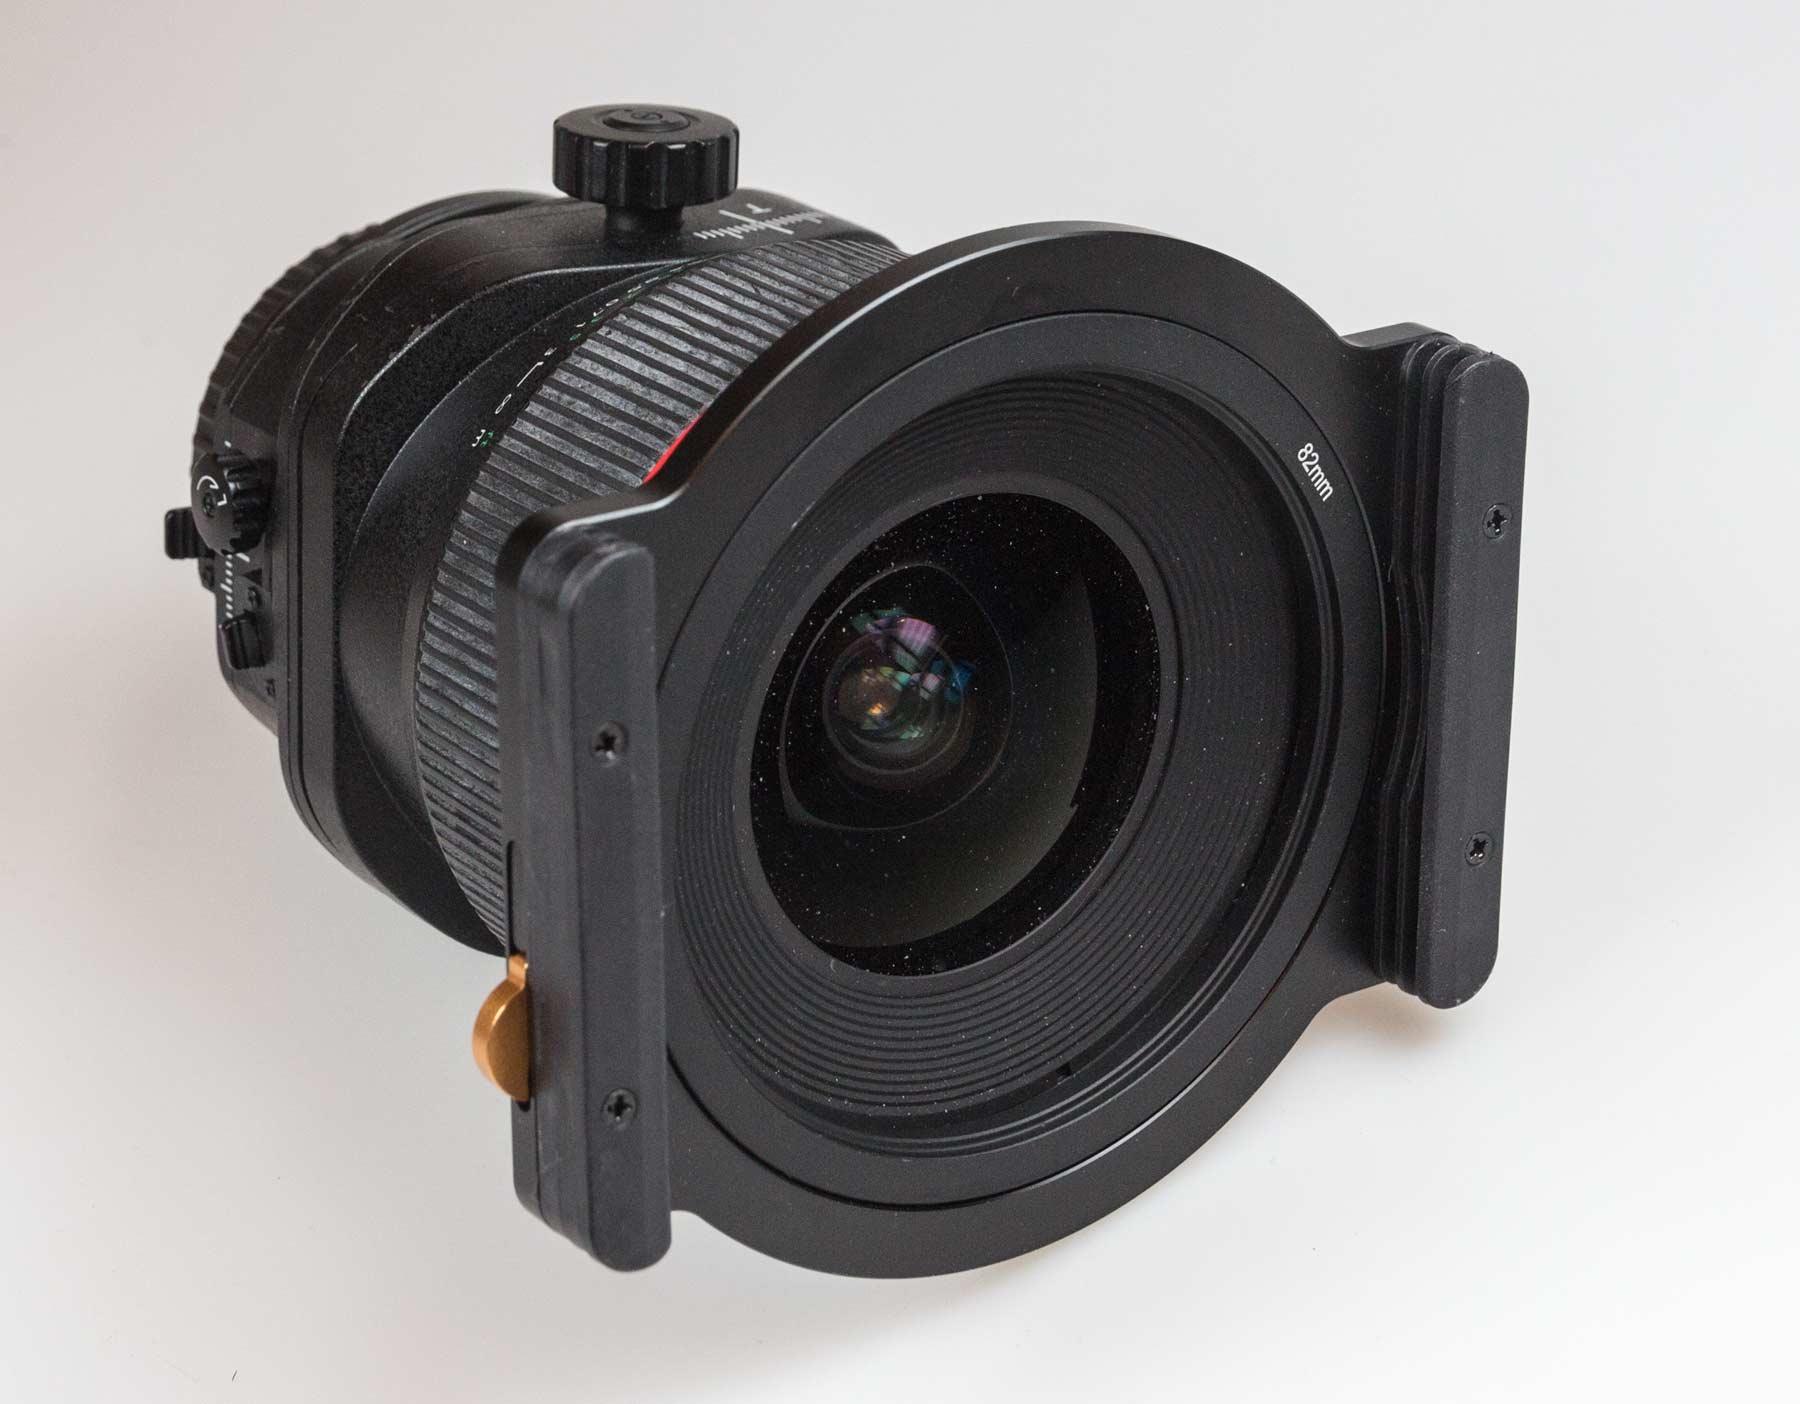 filter-holder-on-lens